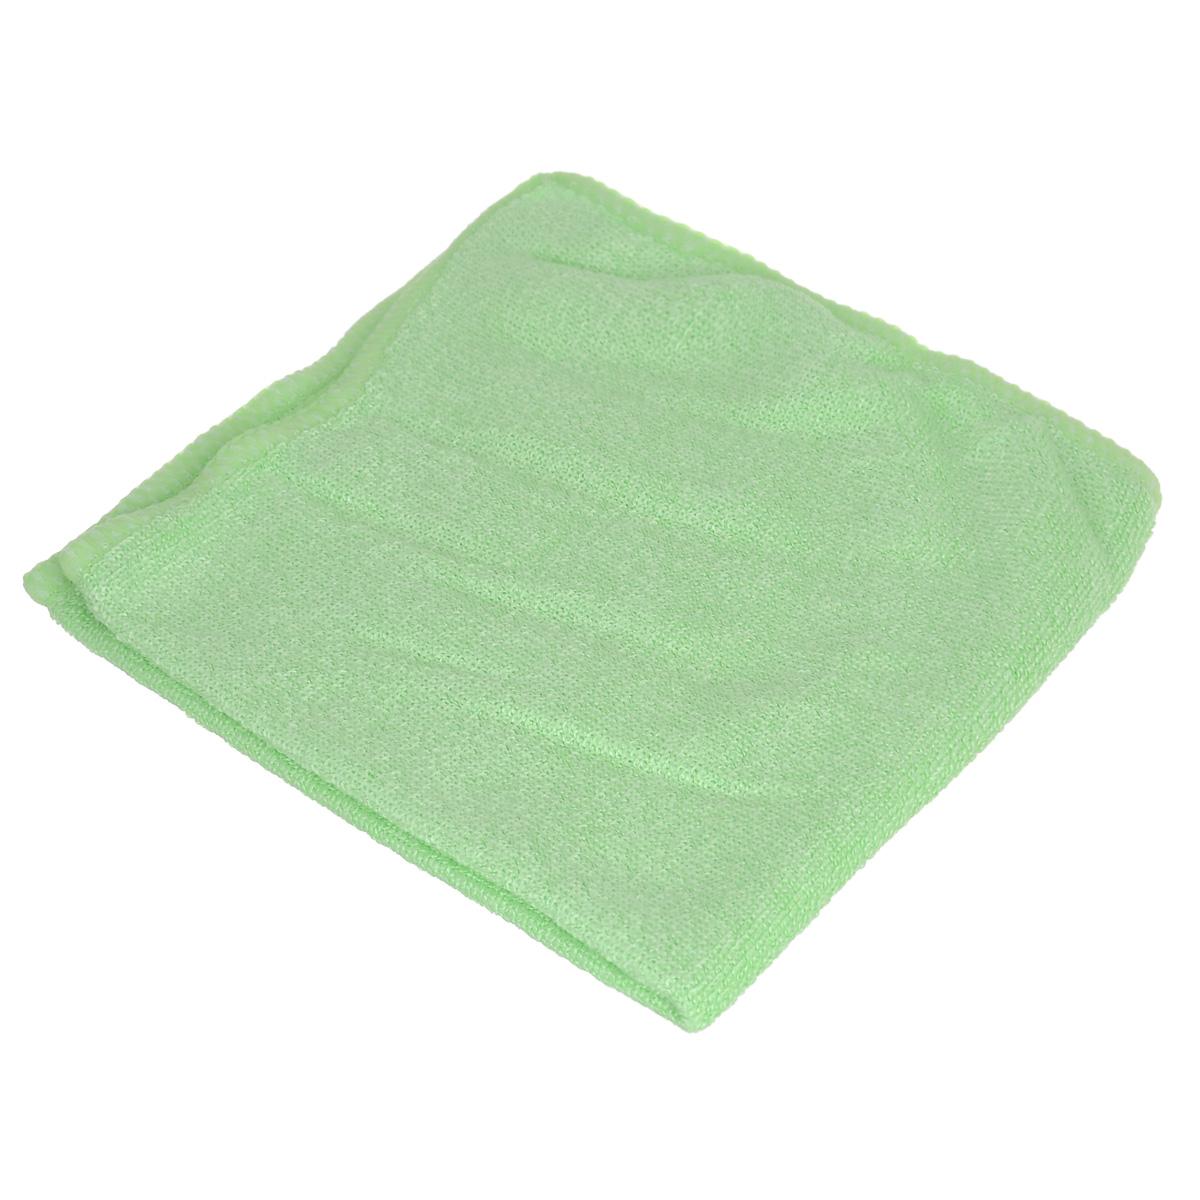 Салфетка из микрофибры для уборки Youll Love, цвет: светло-зеленый, 30 х 30 см. 5804458044Салфетка Youll Love, изготовленная из микрофибры (70% полиэфир и 30%полиамид), предназначена для очищения загрязнений на любых поверхностях. Изделие обладает высокой износоустойчивостью и рассчитано на многократное использование, легко моется в теплой воде с мягкими чистящими средствами. Супервпитывающая салфетка не оставляет разводов и ворсинок, удаляет большинство жирных и маслянистых загрязнений без использования химических средств.